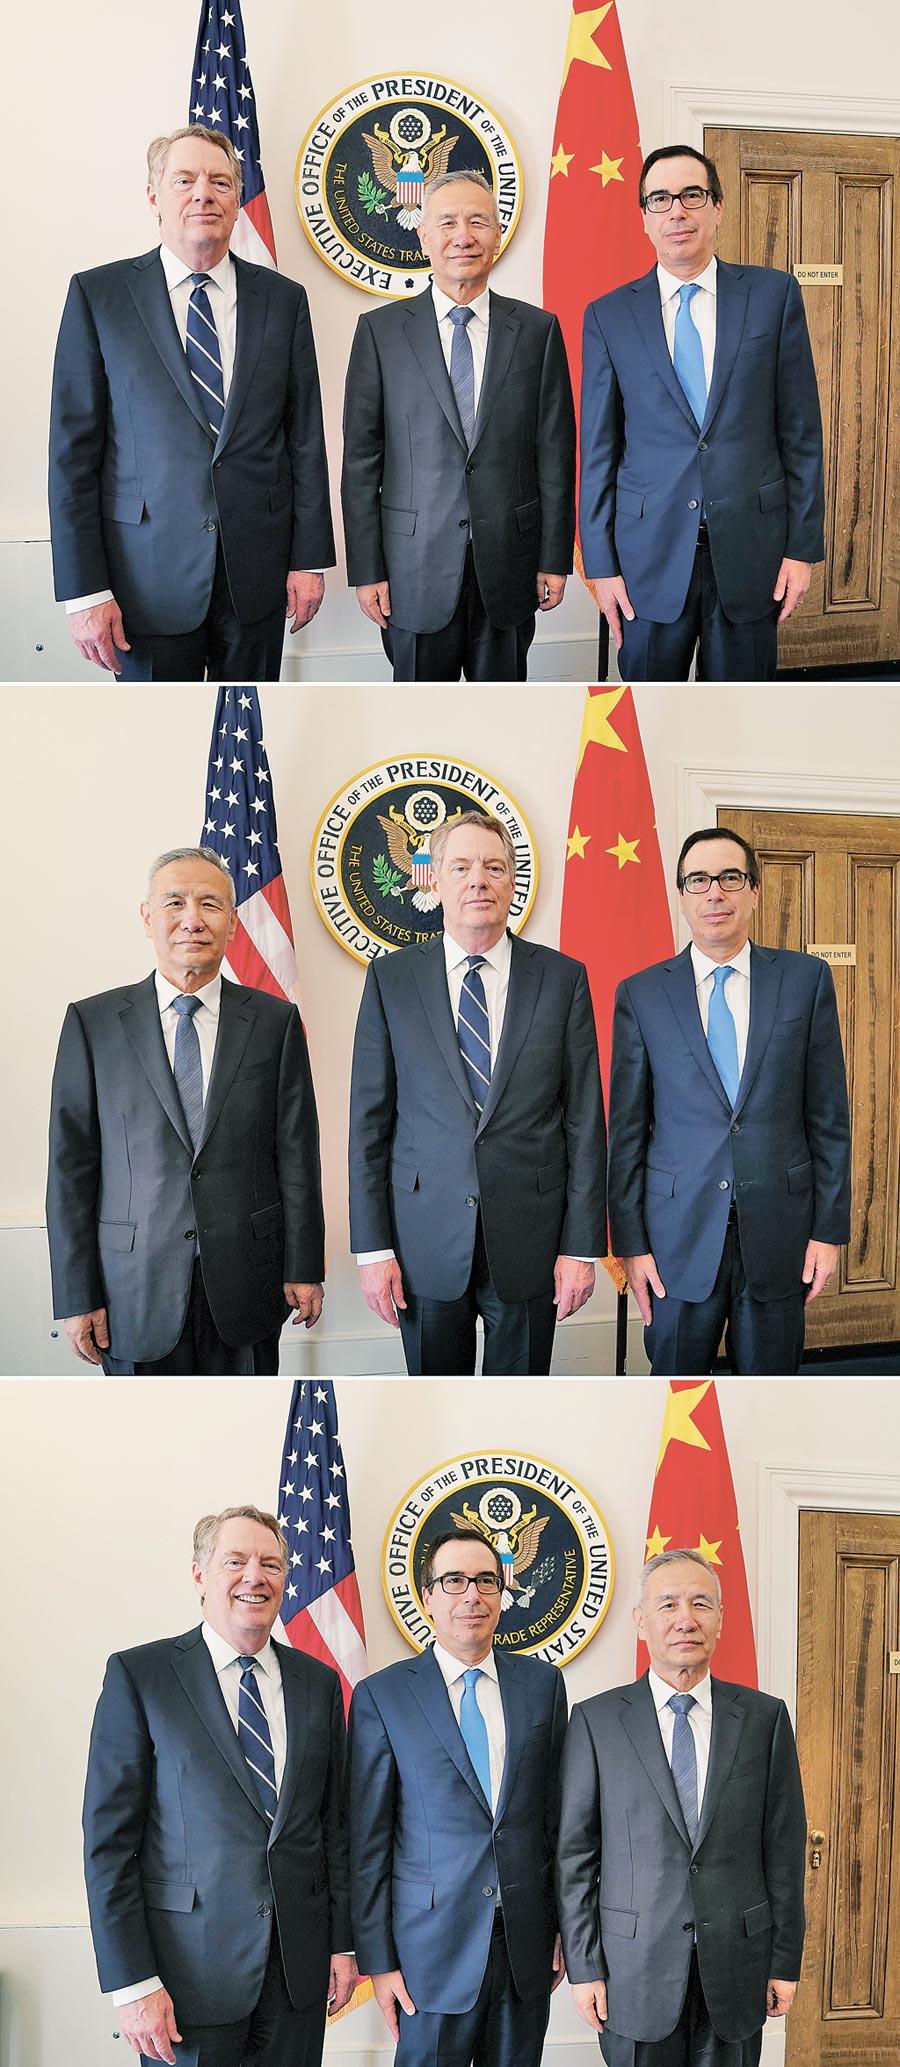 美東時間10月10日上午,大陸國務院副總理劉鶴(右)與美國貿易代表萊特希澤(左)、財政部長努欽(中)進行經貿磋商。 (新華社)